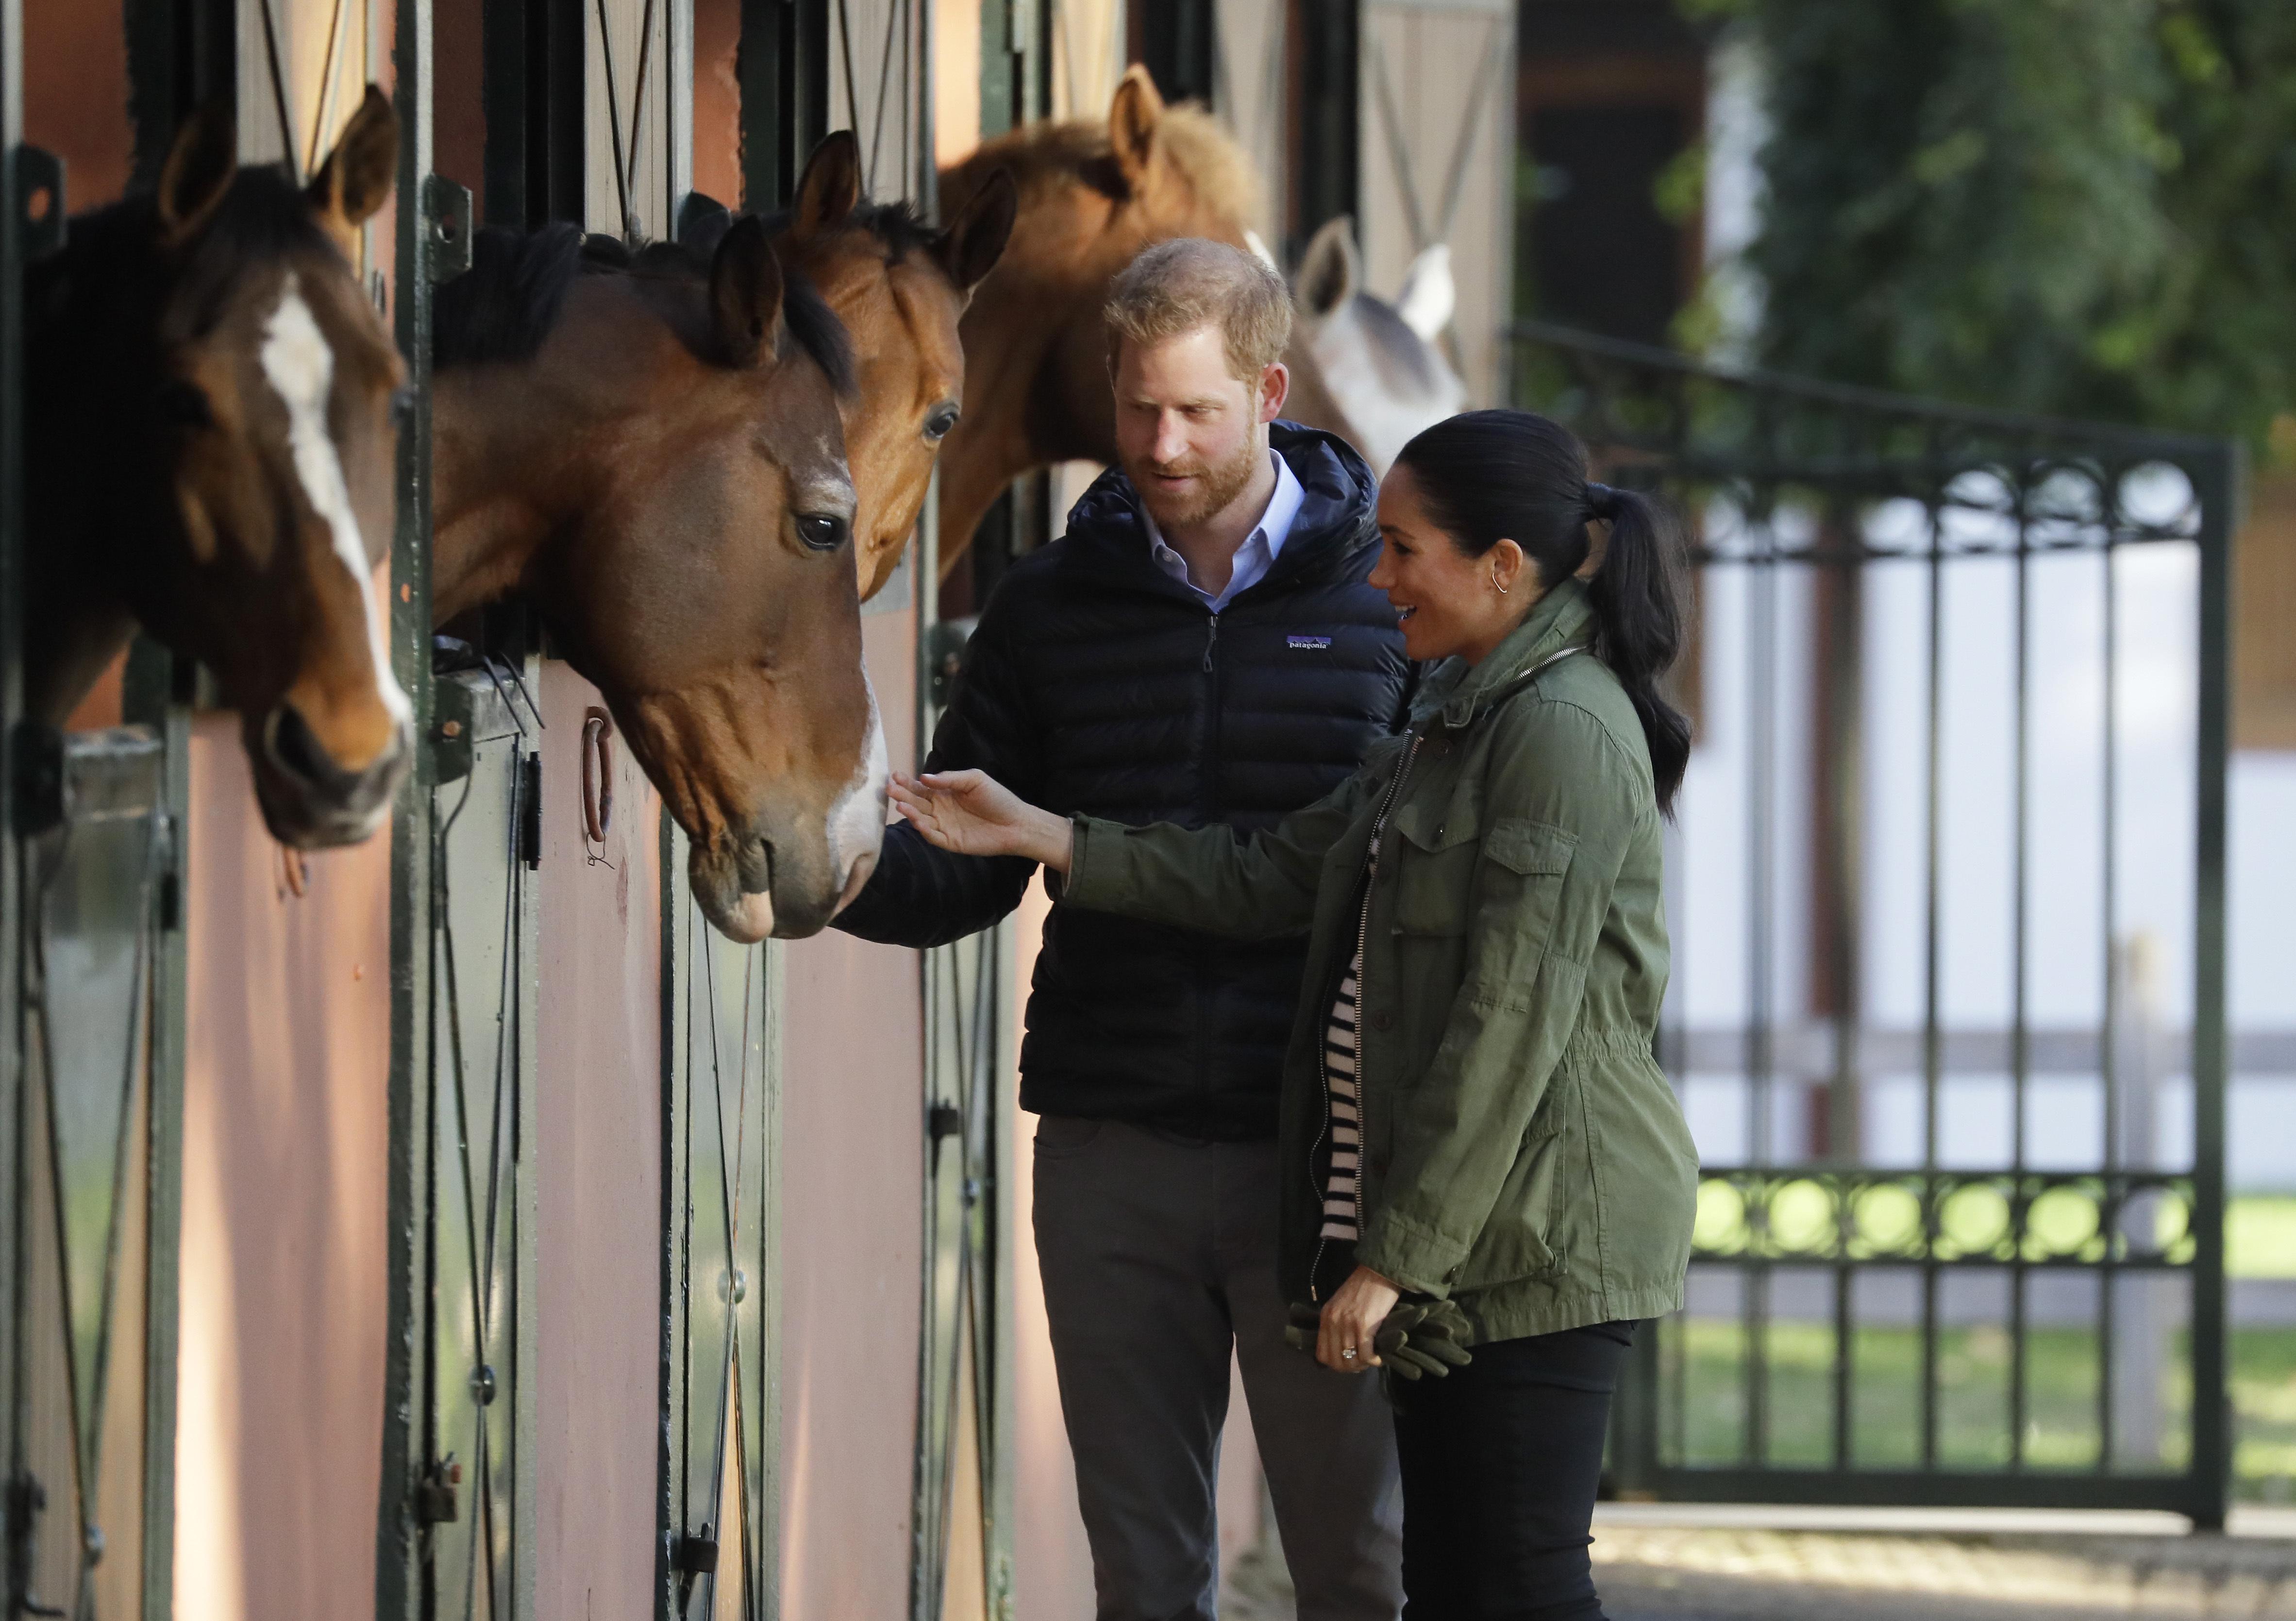 El Príncipe Harry y Meghan Markle acarician un caballo durante su visita a la Real Federación de Deportes Ecuestres de Marruecos. (AP)